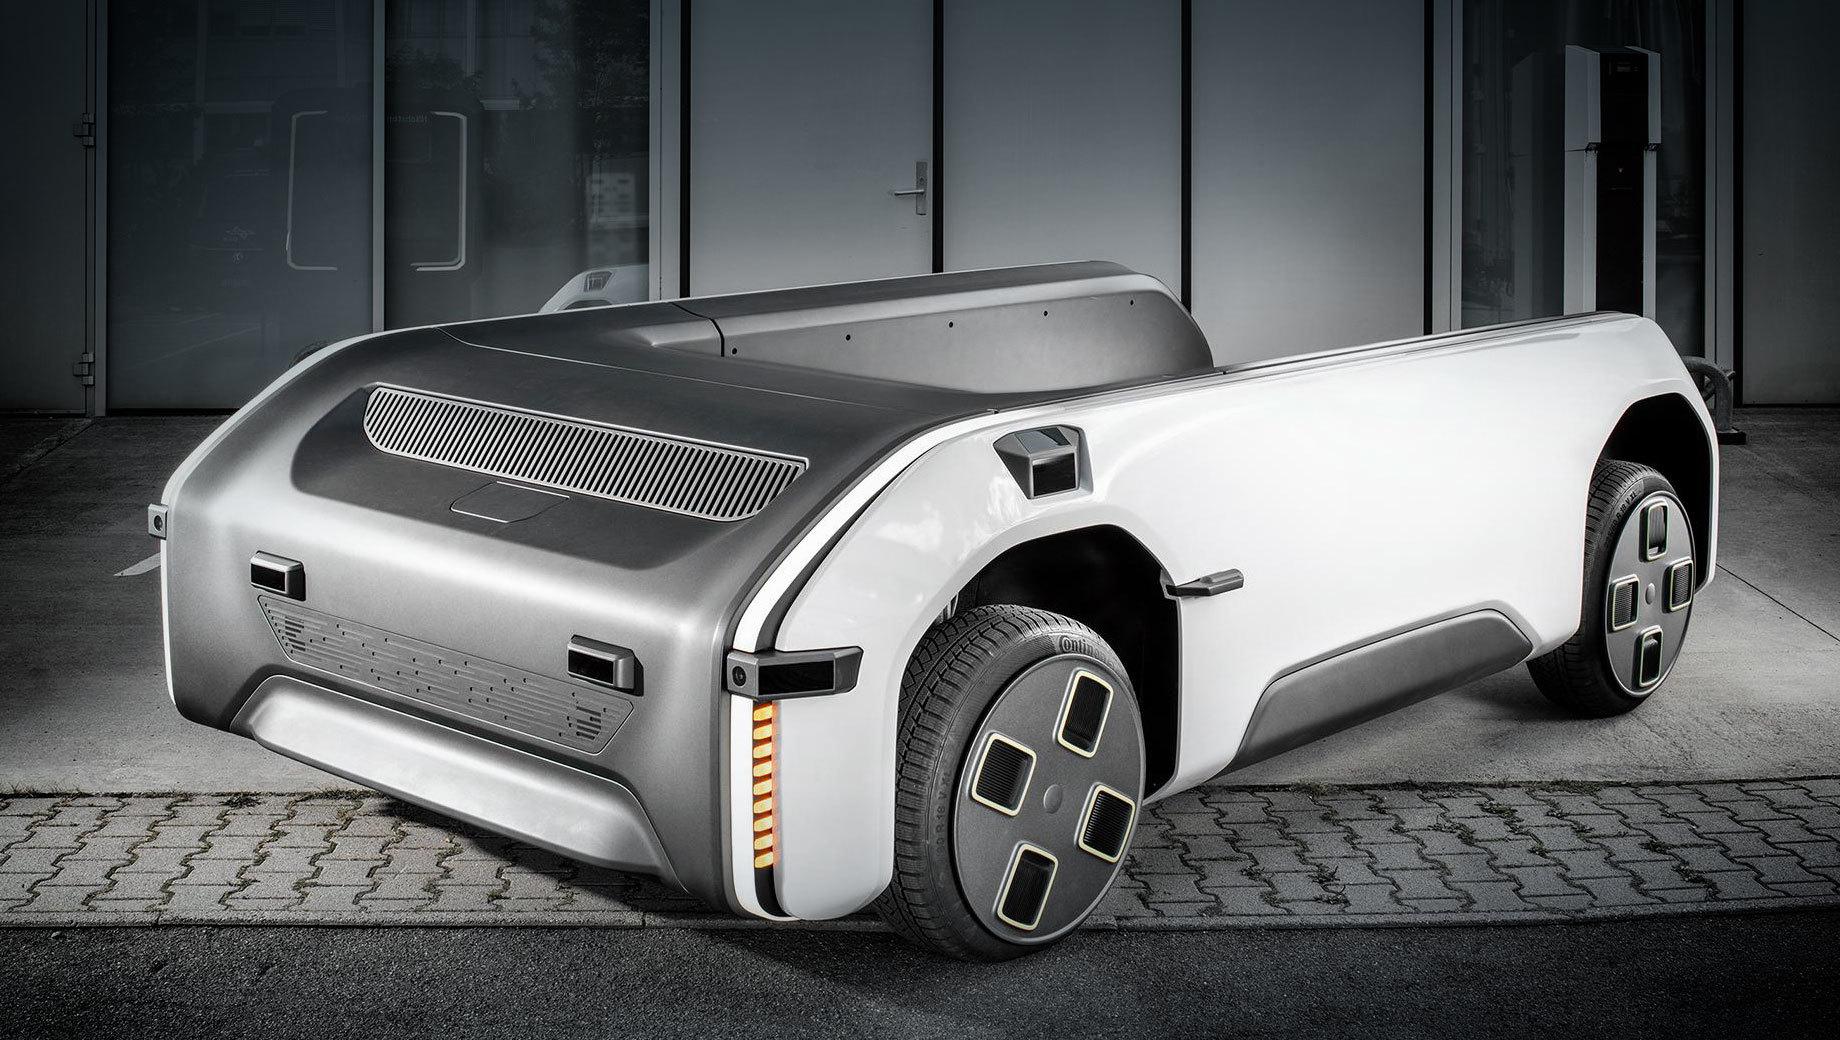 Электрокар DLR U-Shift будет автономно возить людей и грузы